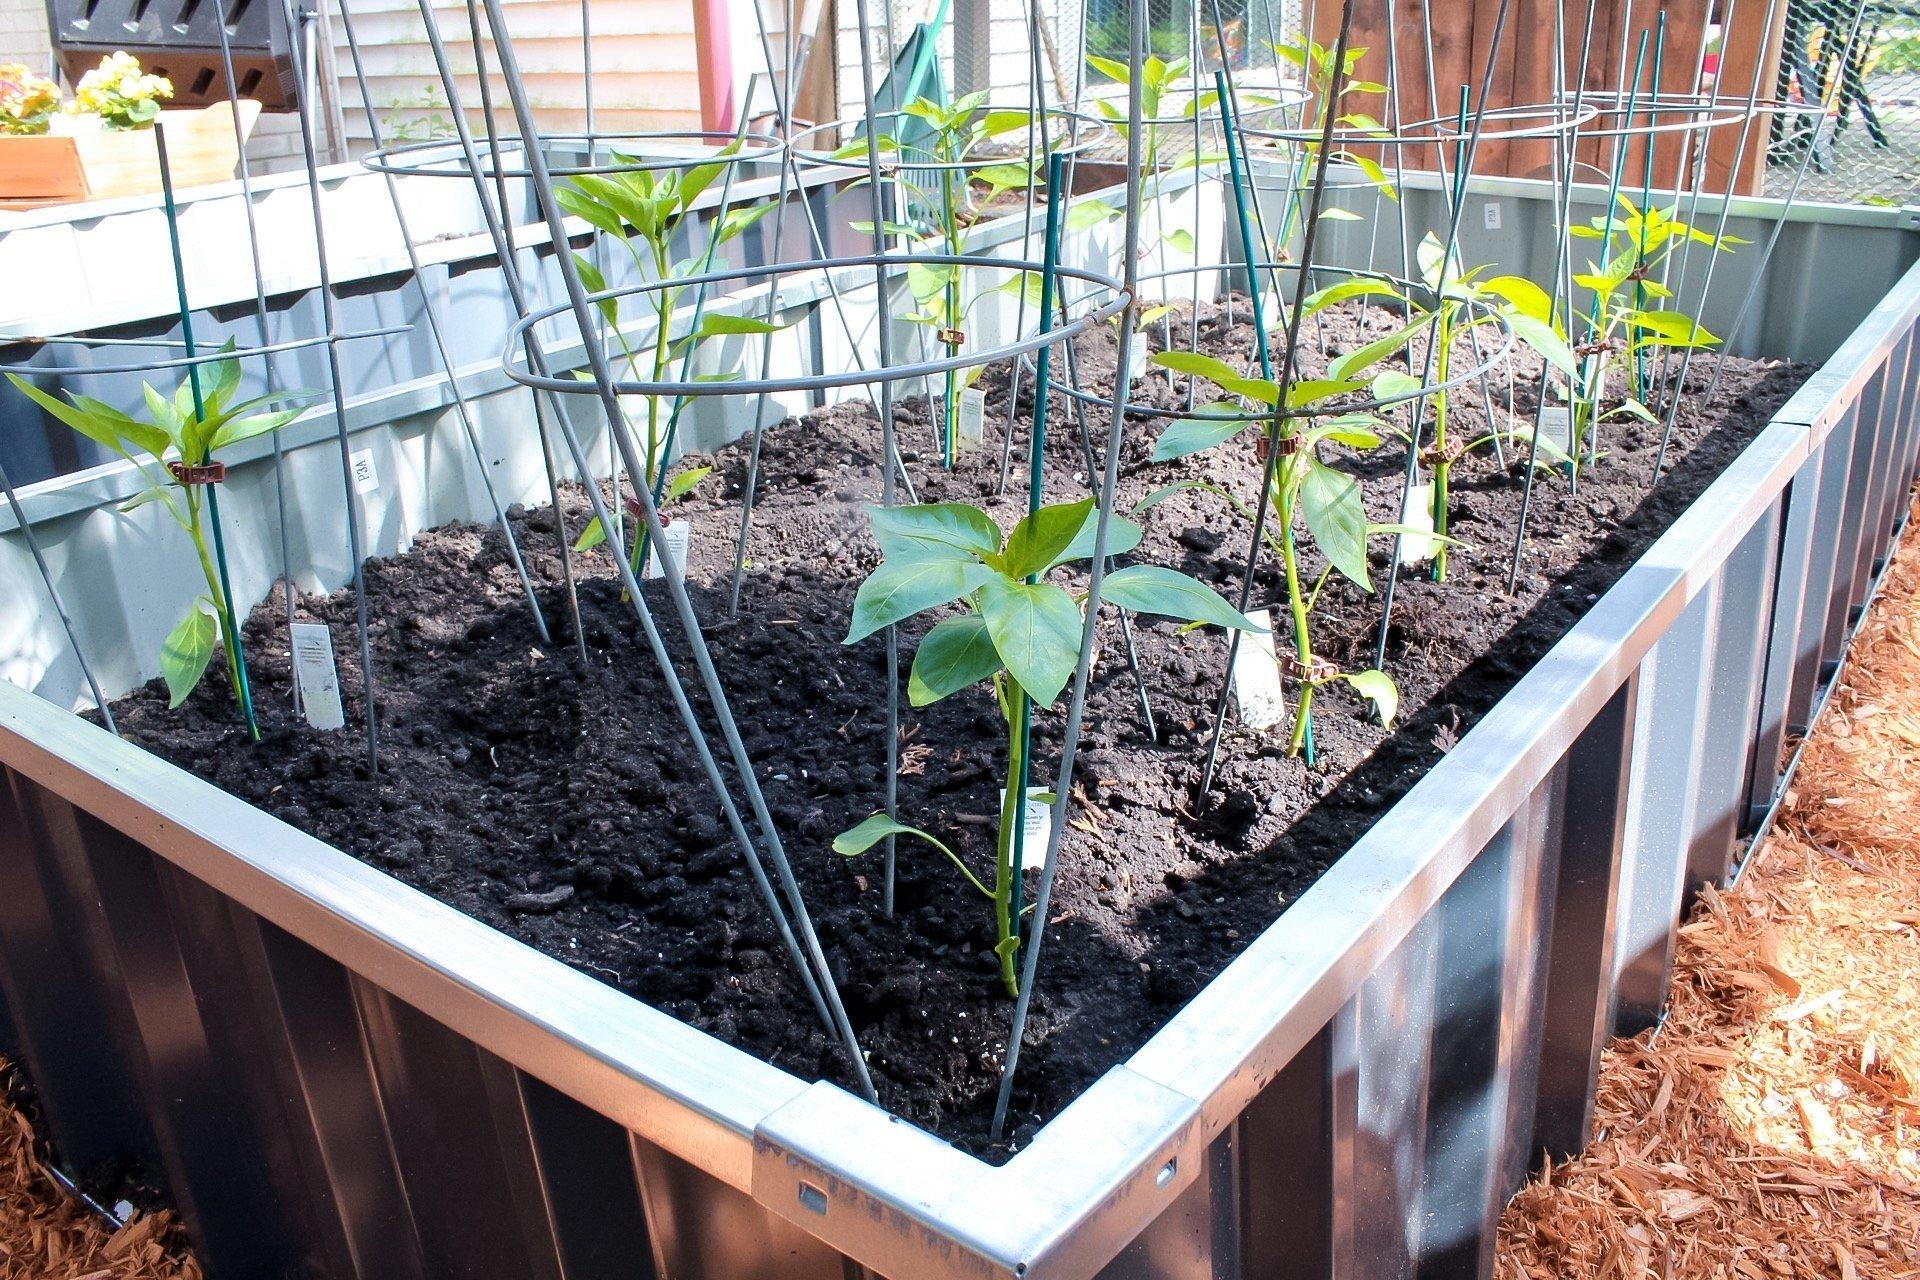 gardening tips - soil